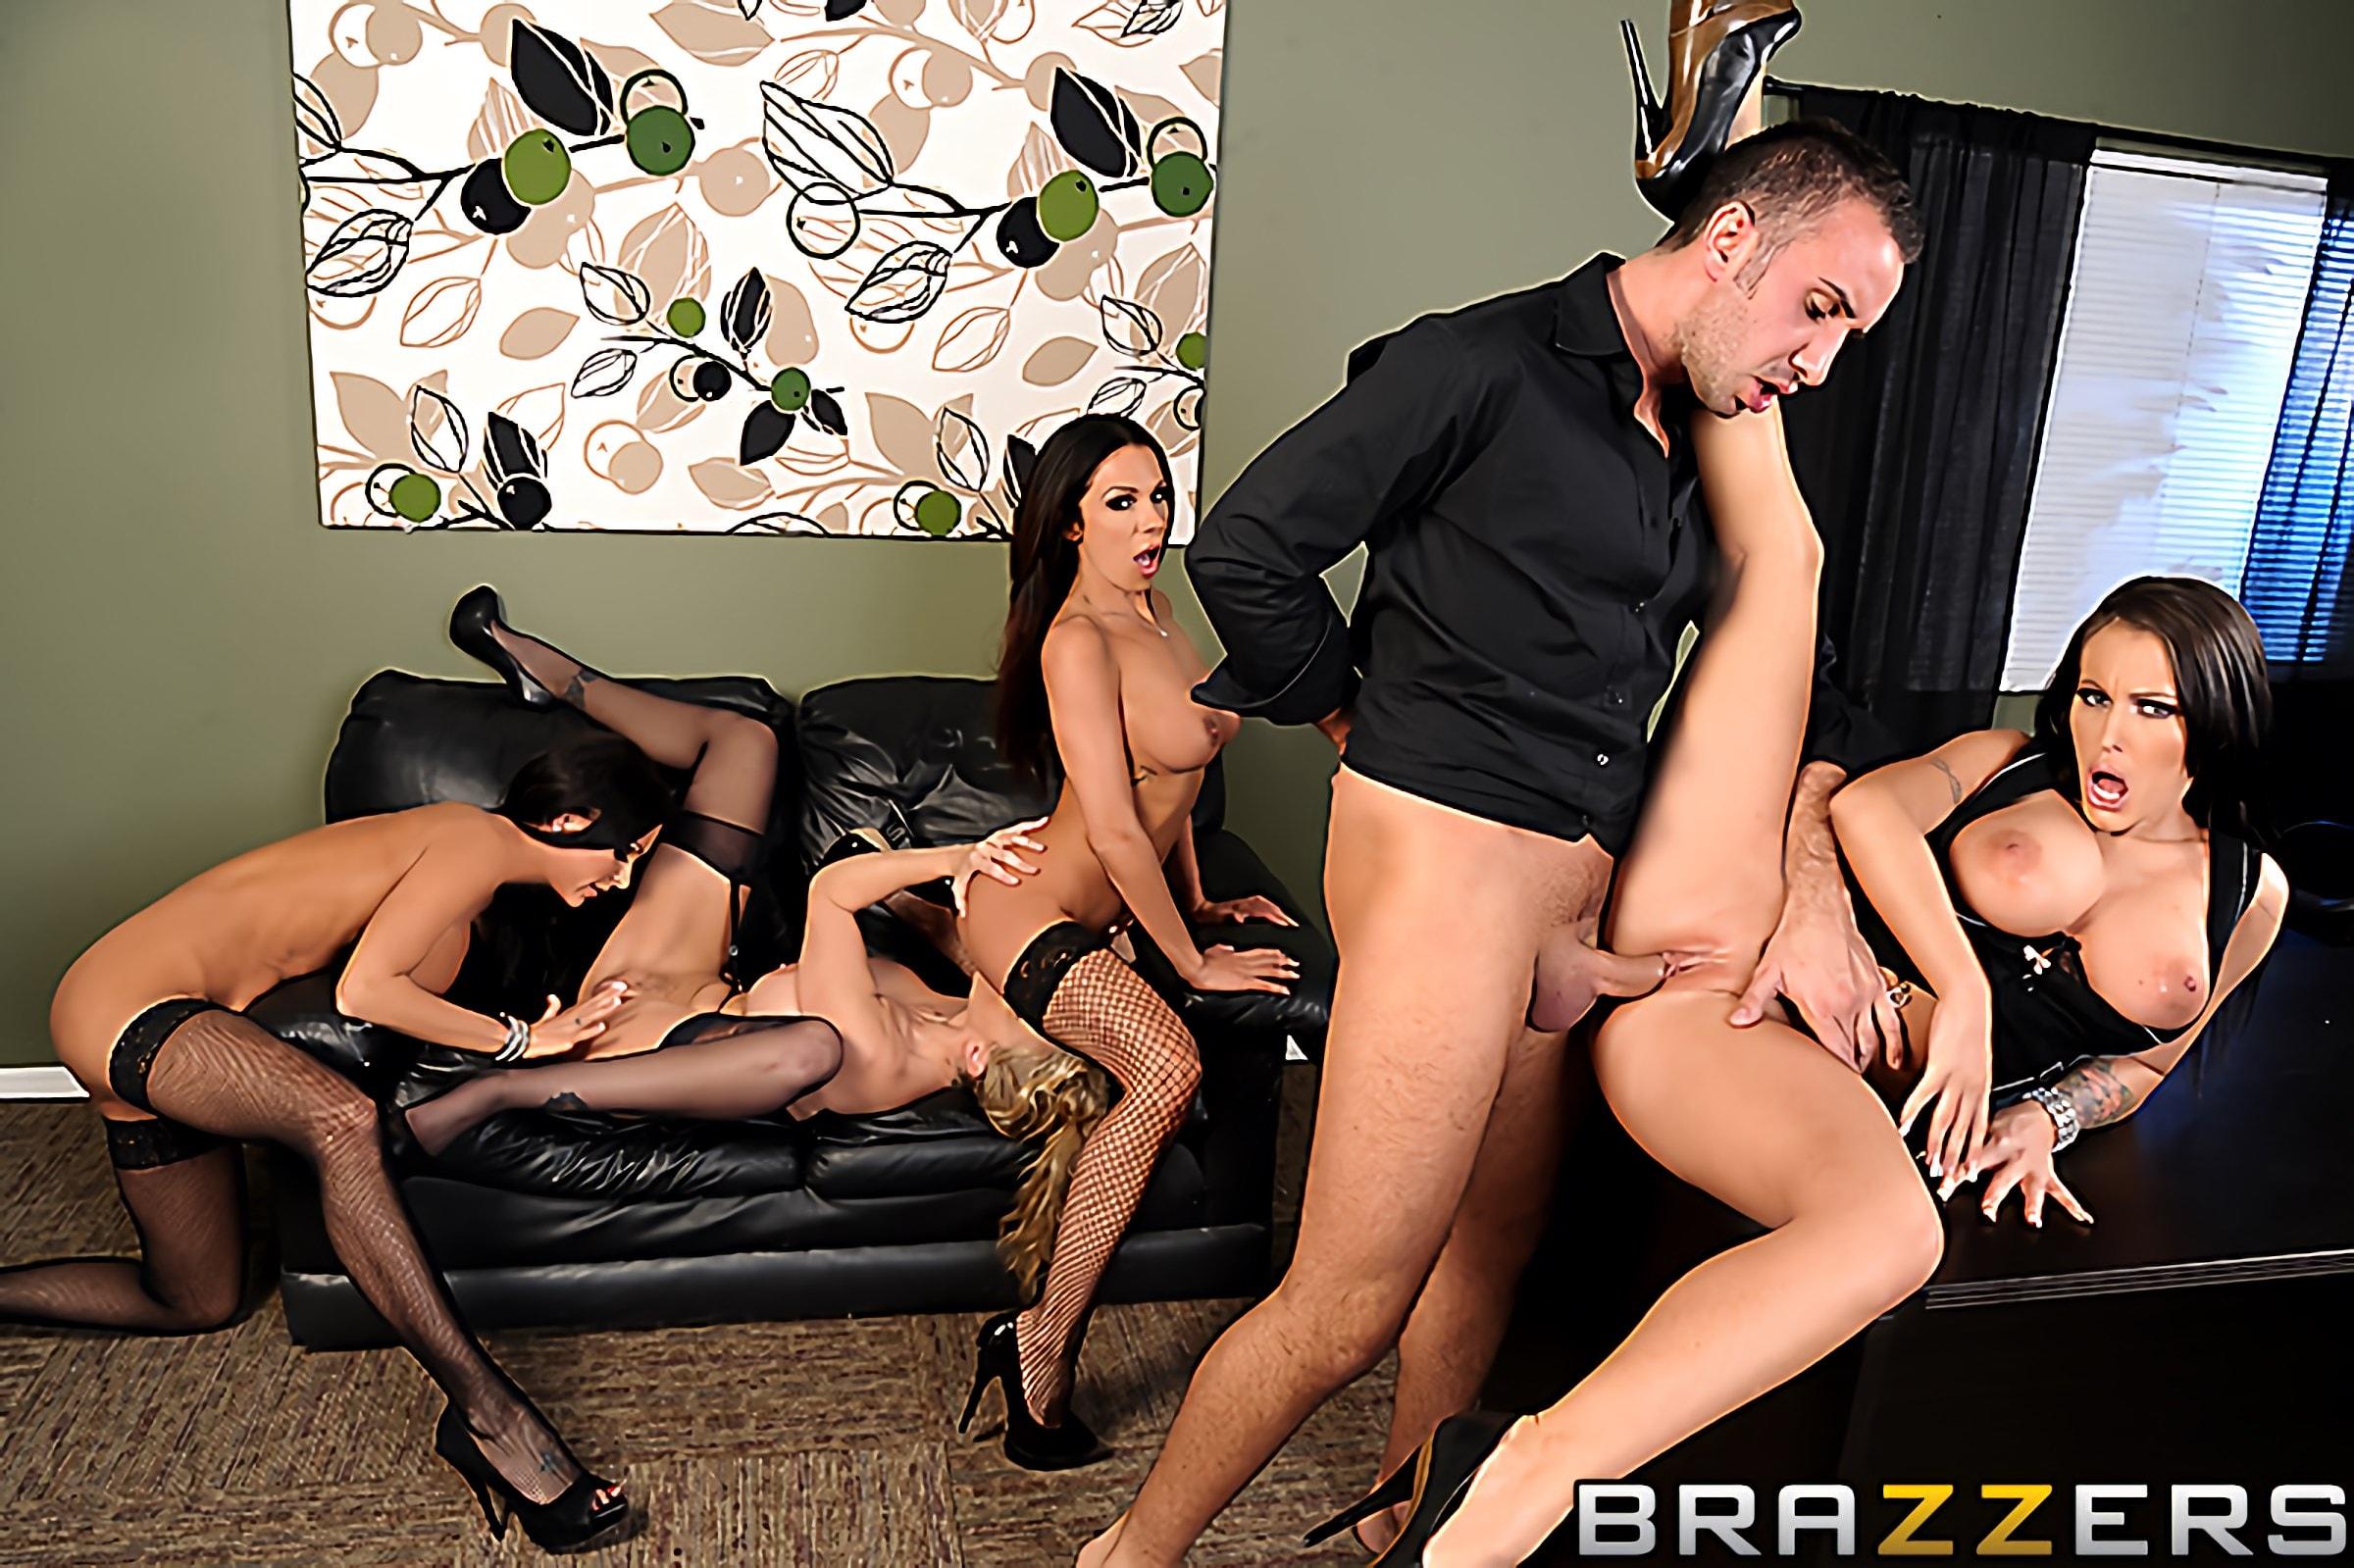 групповое порно бразерс в офисе обнаженных чувств